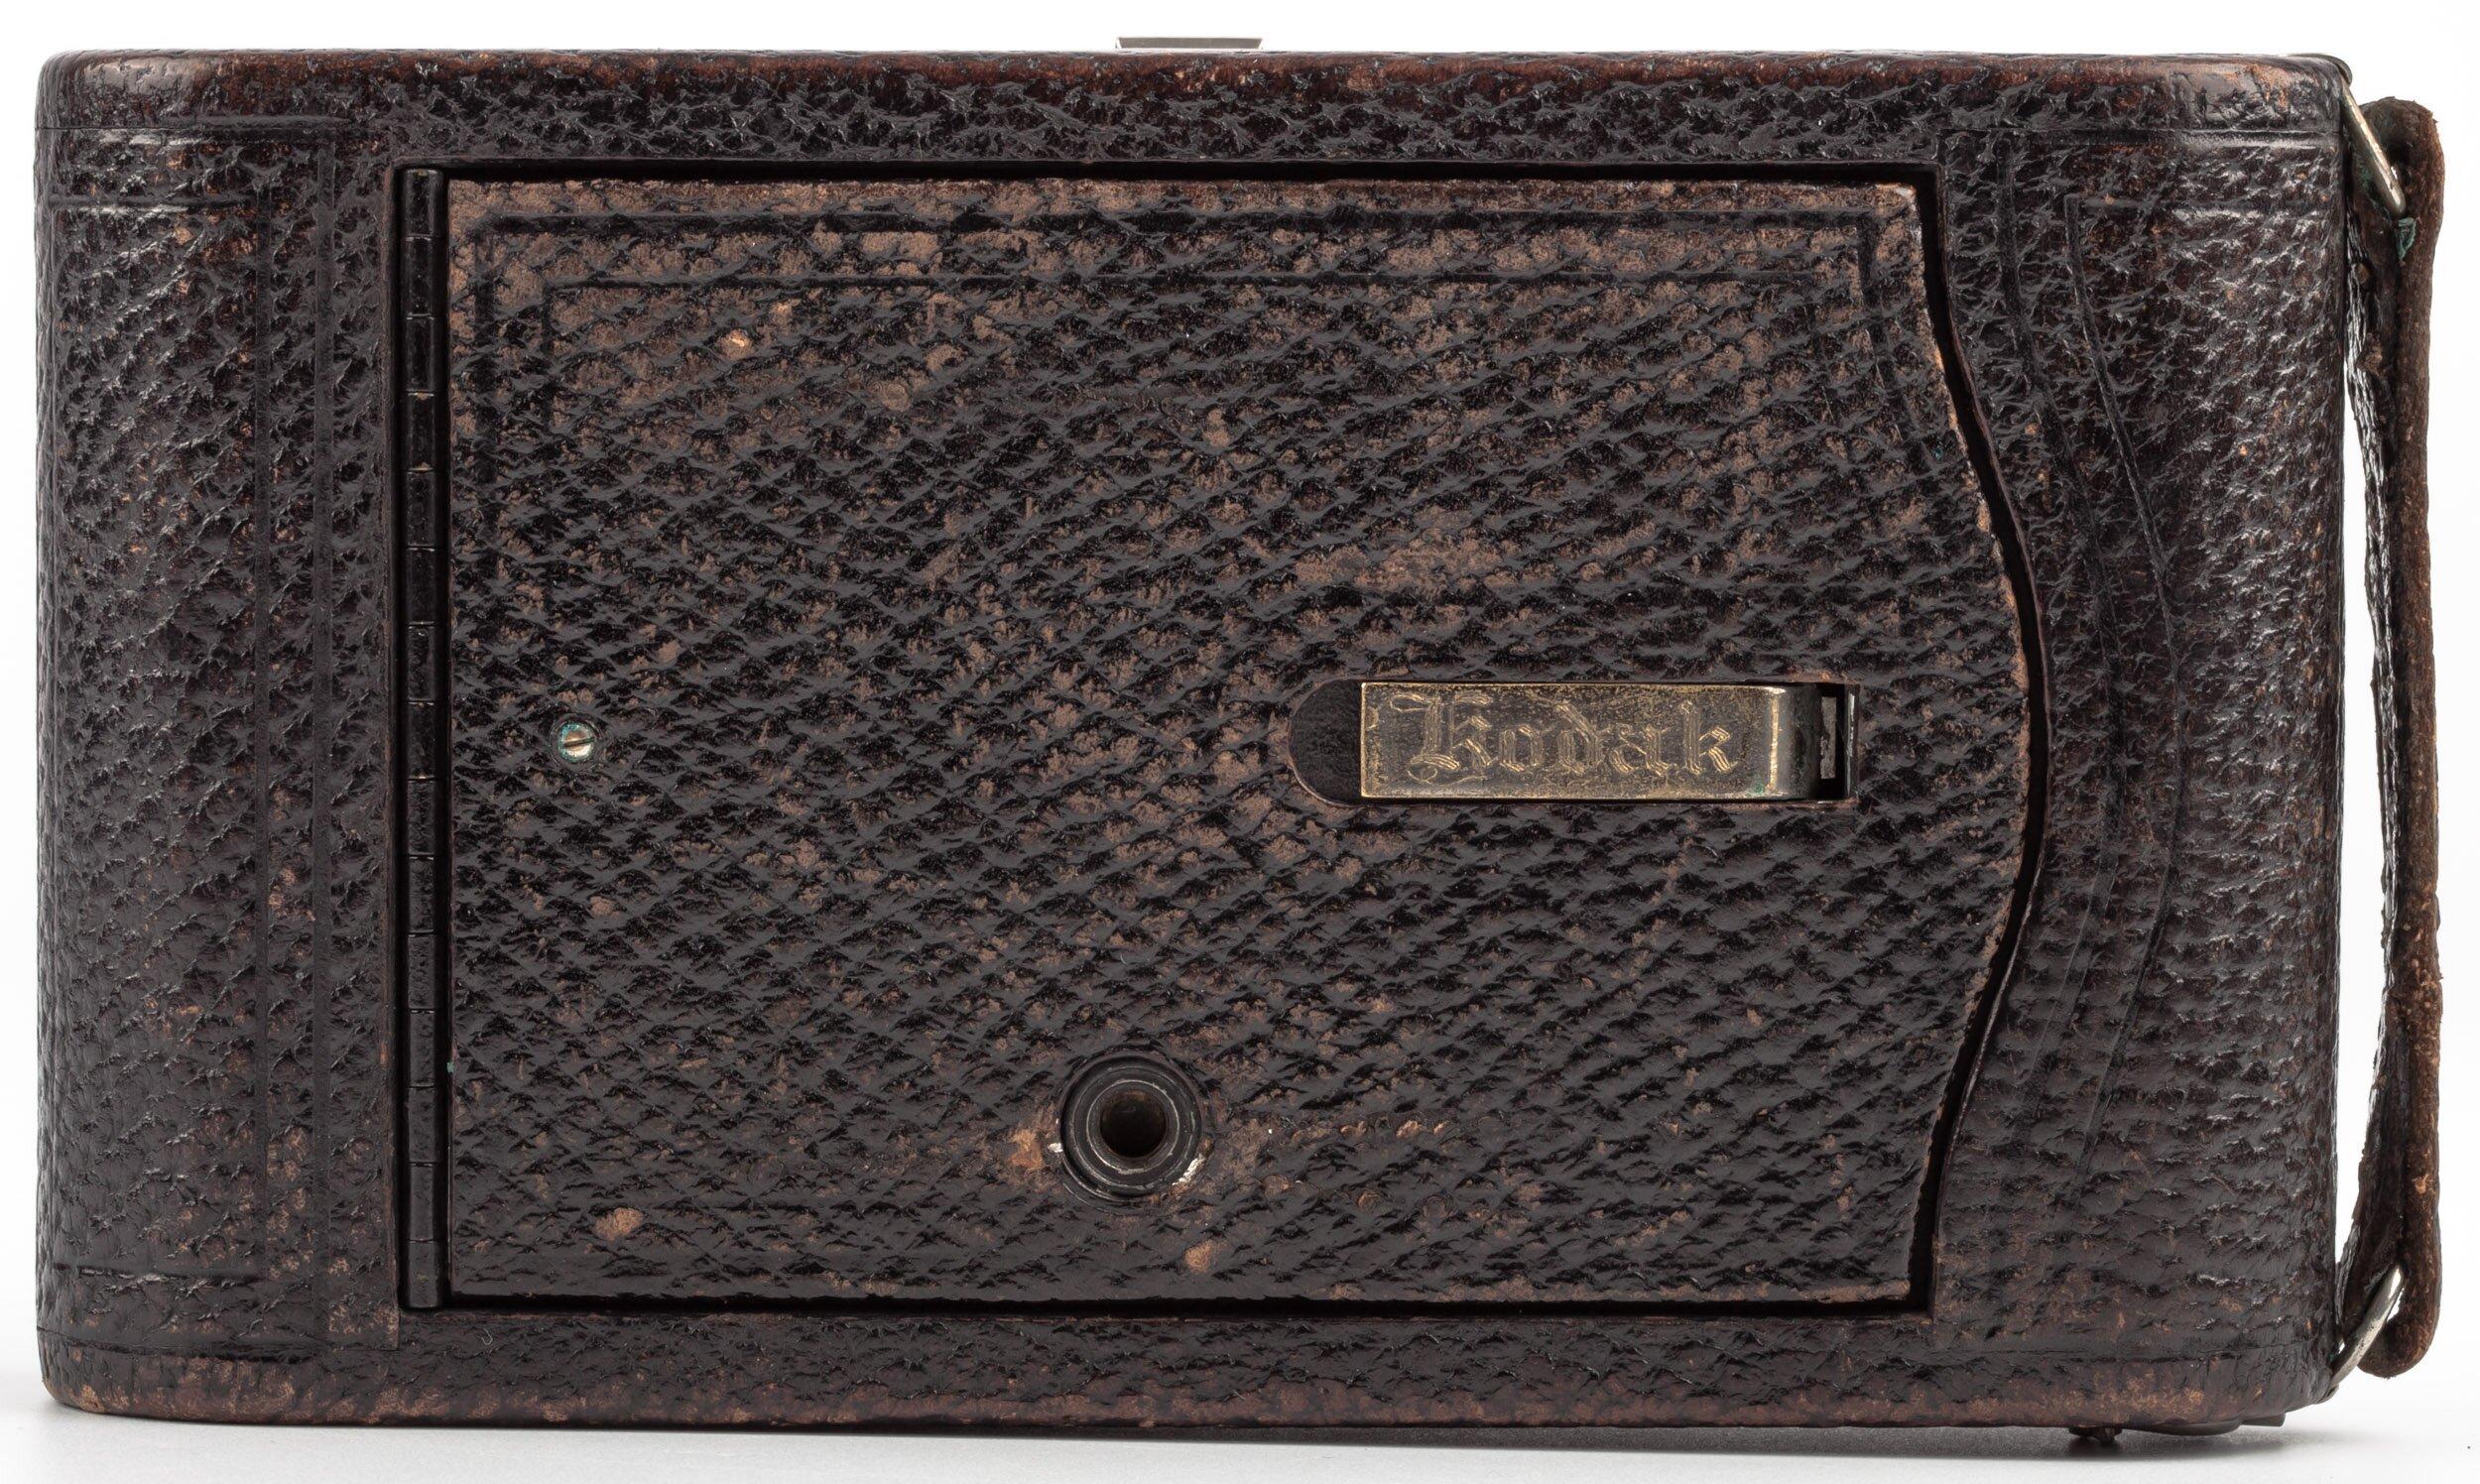 Eastman Kodak Rapid Rectilinear